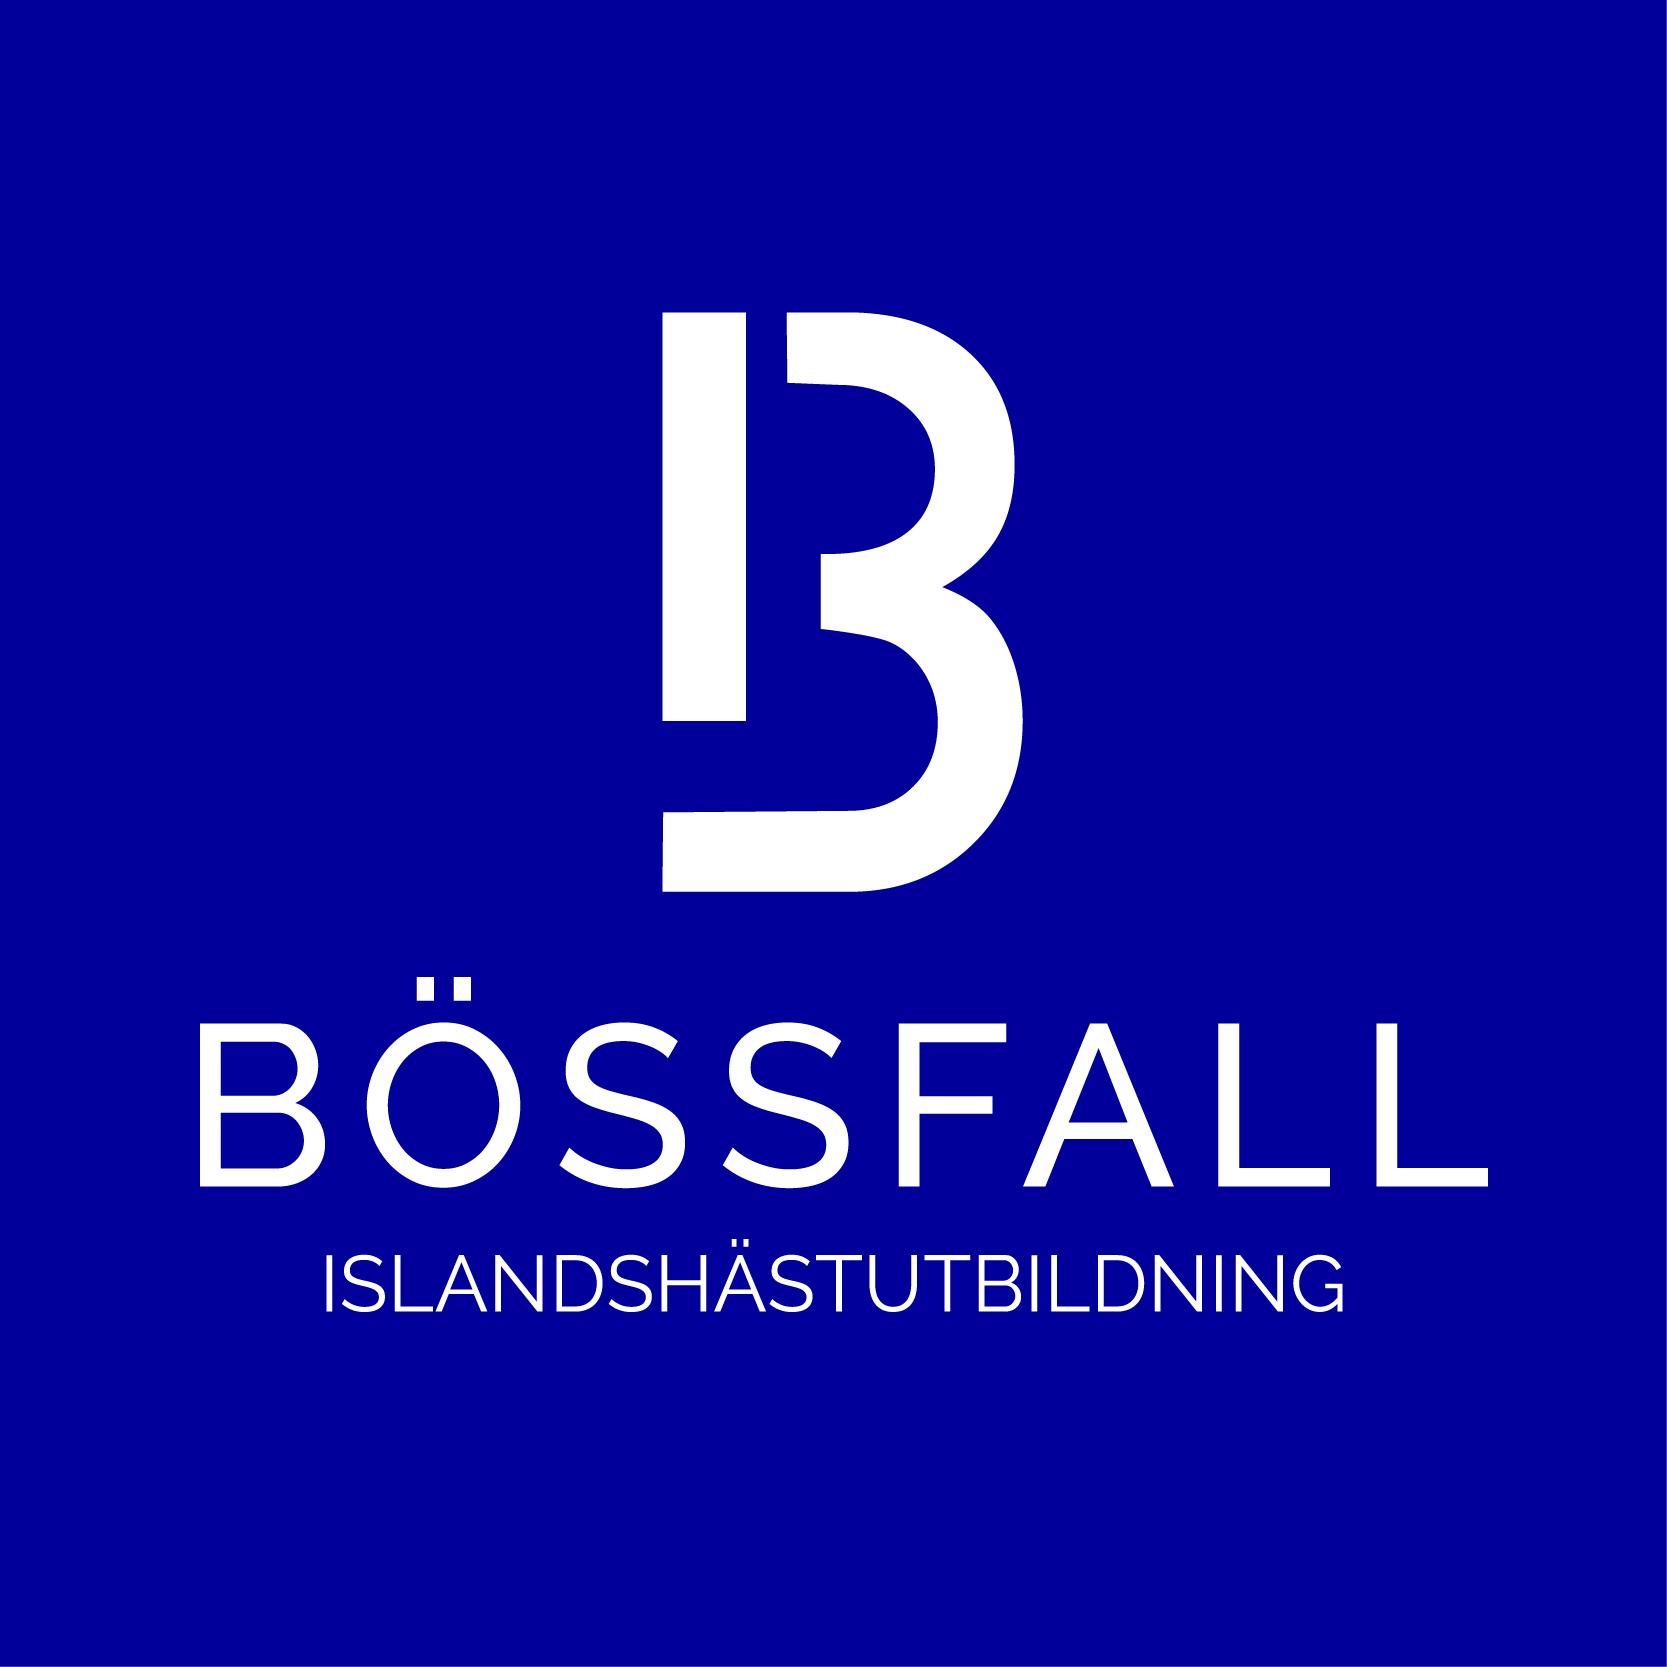 Bössfall Islandshästutbildning